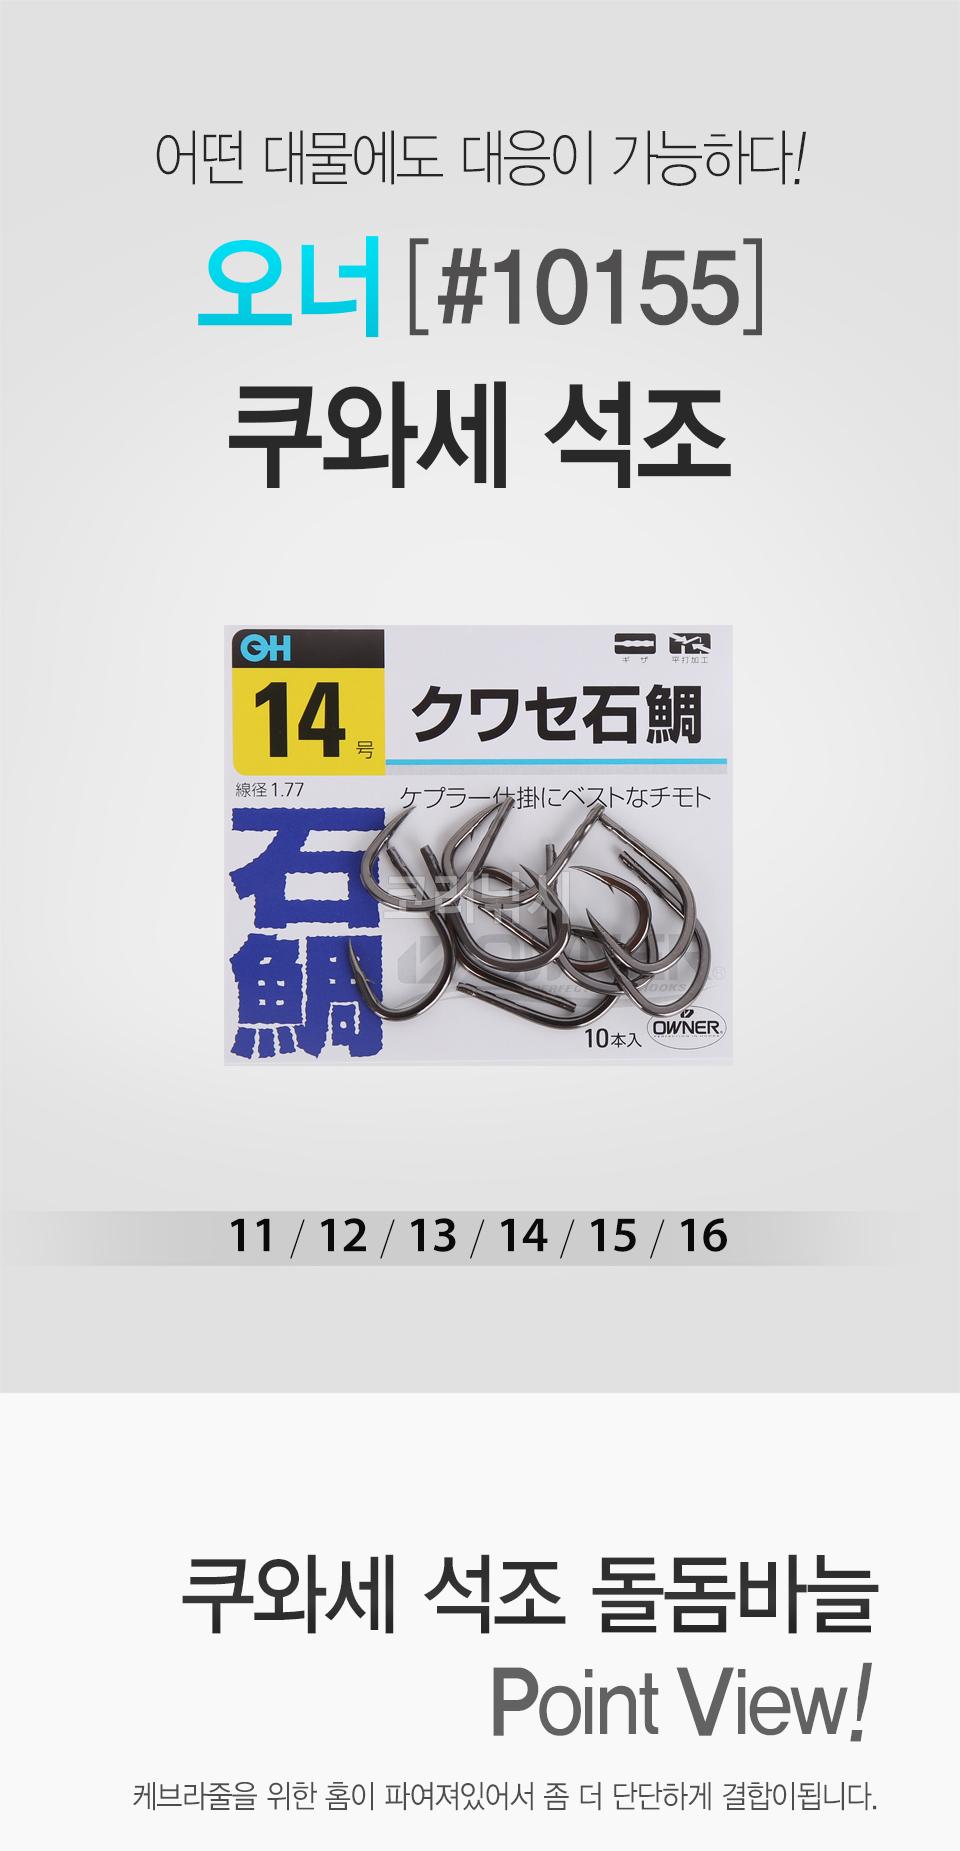 오너 쿠와세 석조 (#10155) (바늘귀에 구멍없음) 돌돔바늘